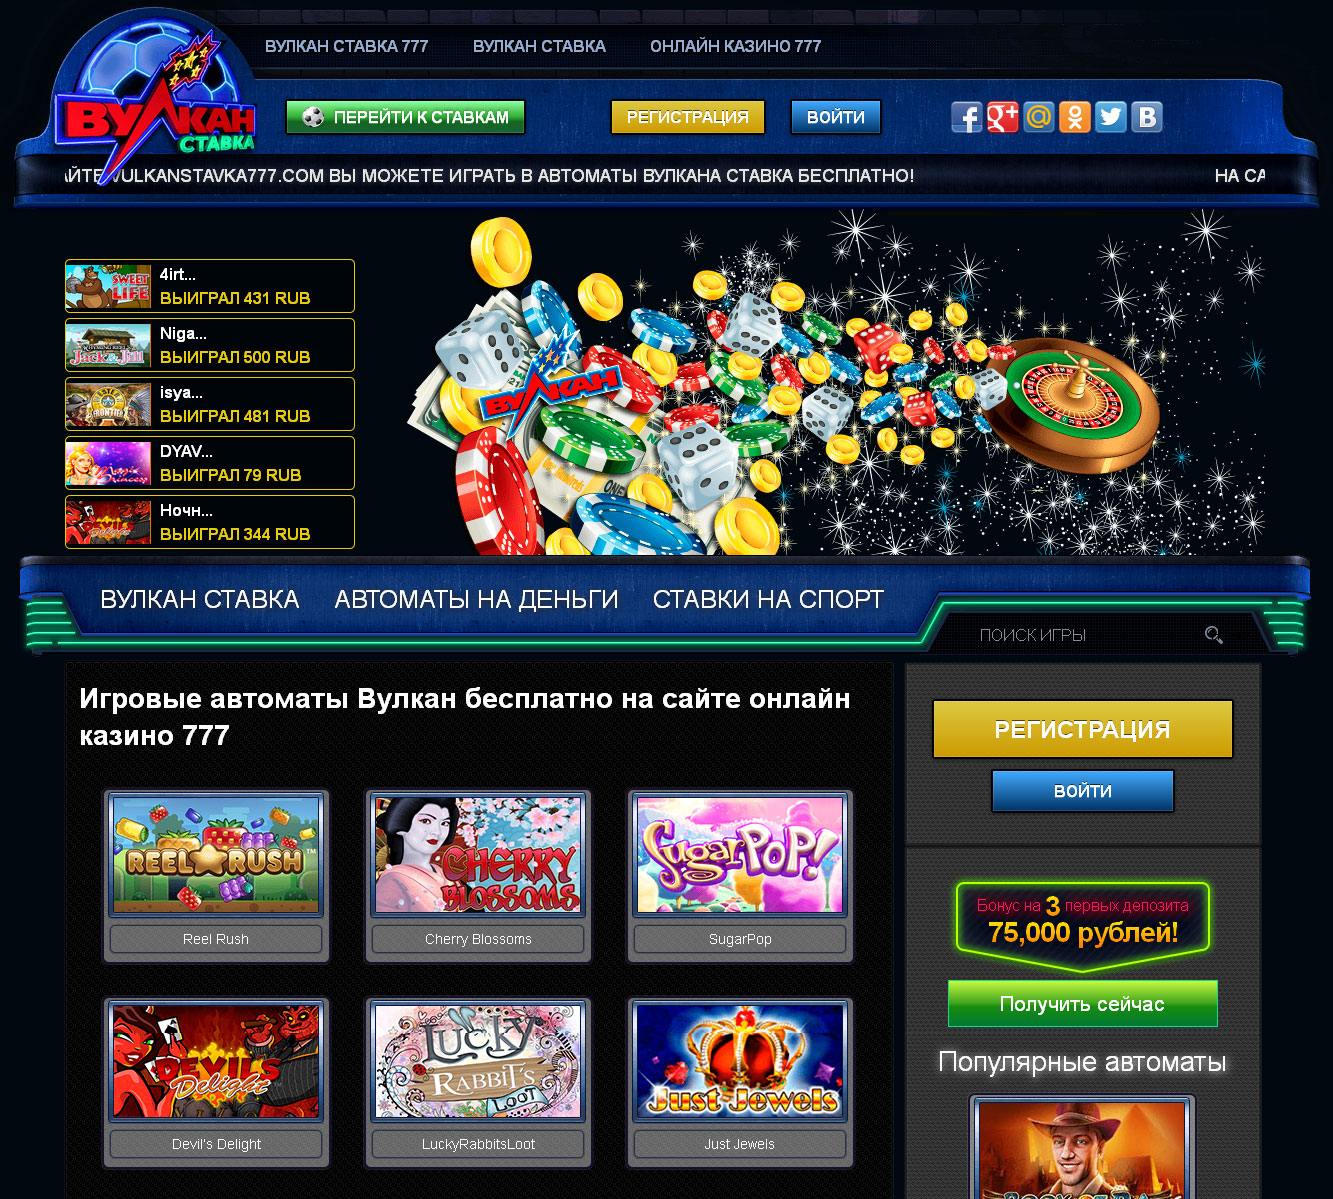 Играть платно в игровые автоматы вулкан официальный сайт казино вулкан от 1 копейки